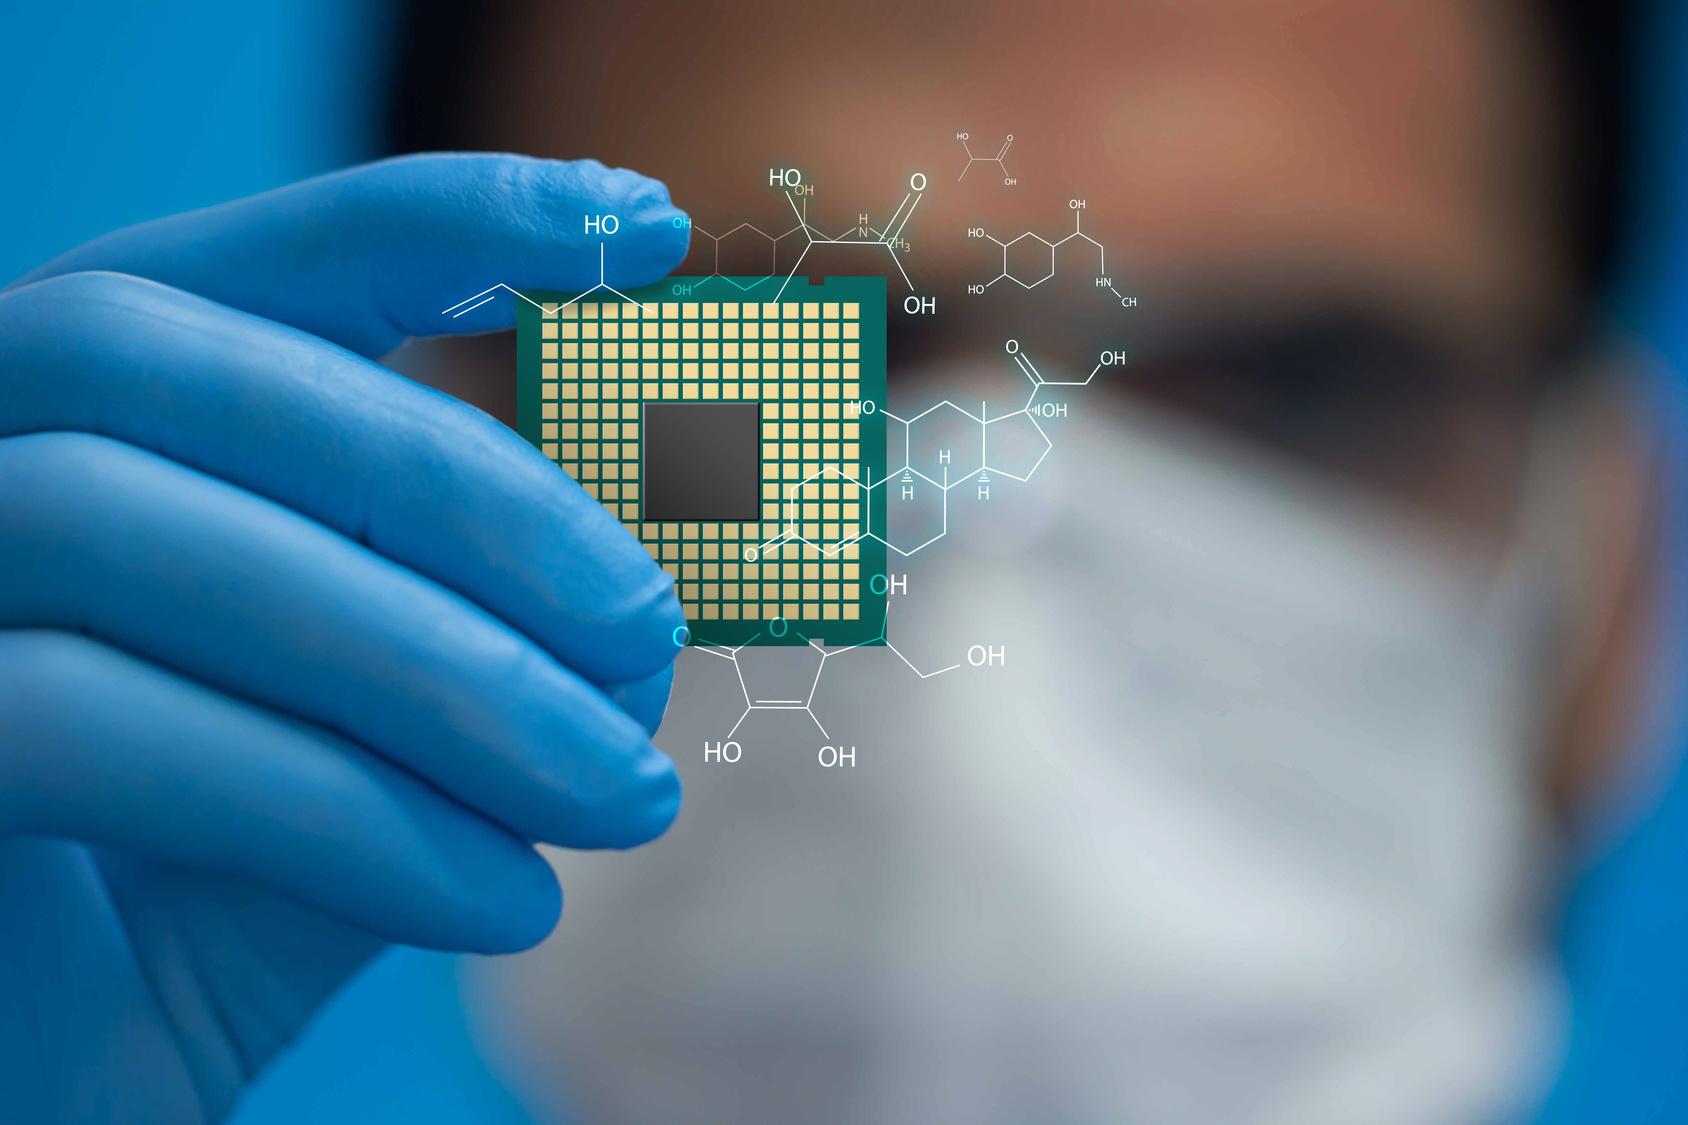 Zdrowie – mikrochip prawdę Ci powie